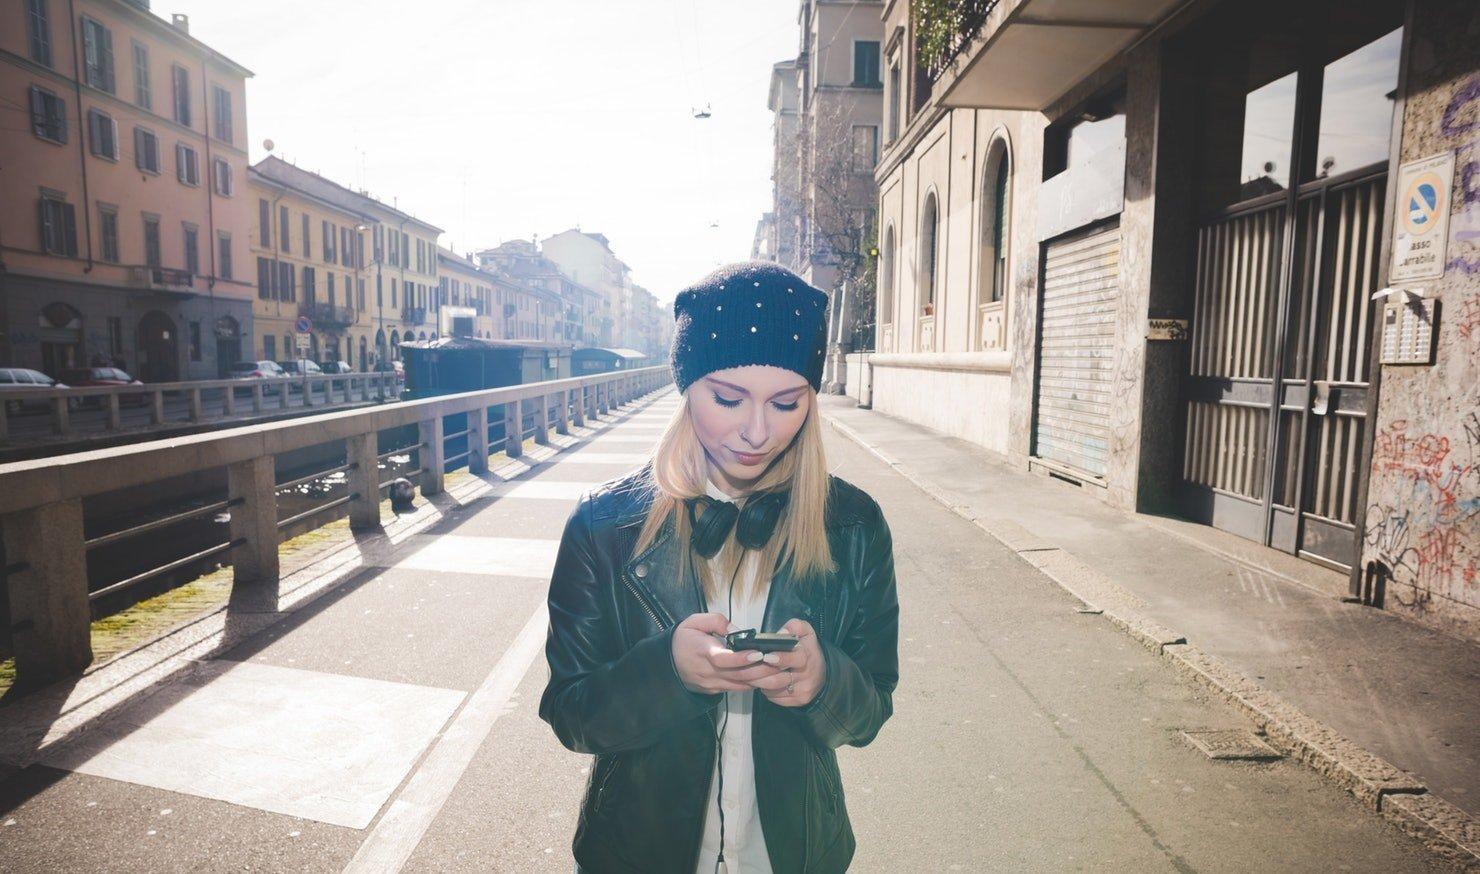 Happn Arkadaş Bulma, Çöpçatan Uygulamasını Neden